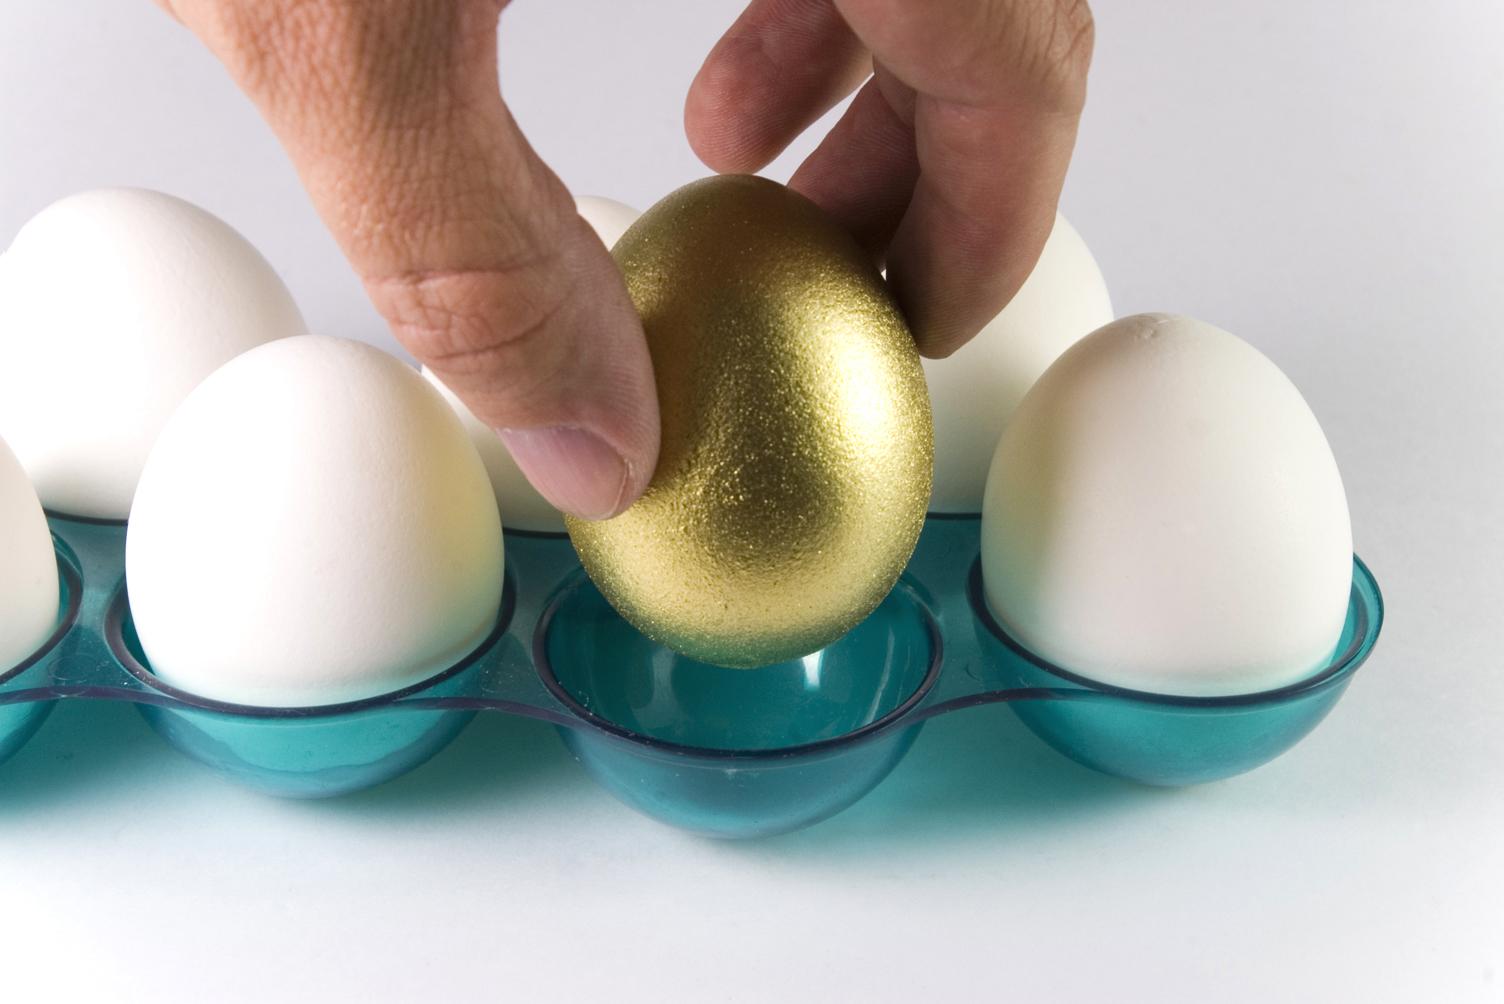 Stock picking, picking the best stocks, golden egg